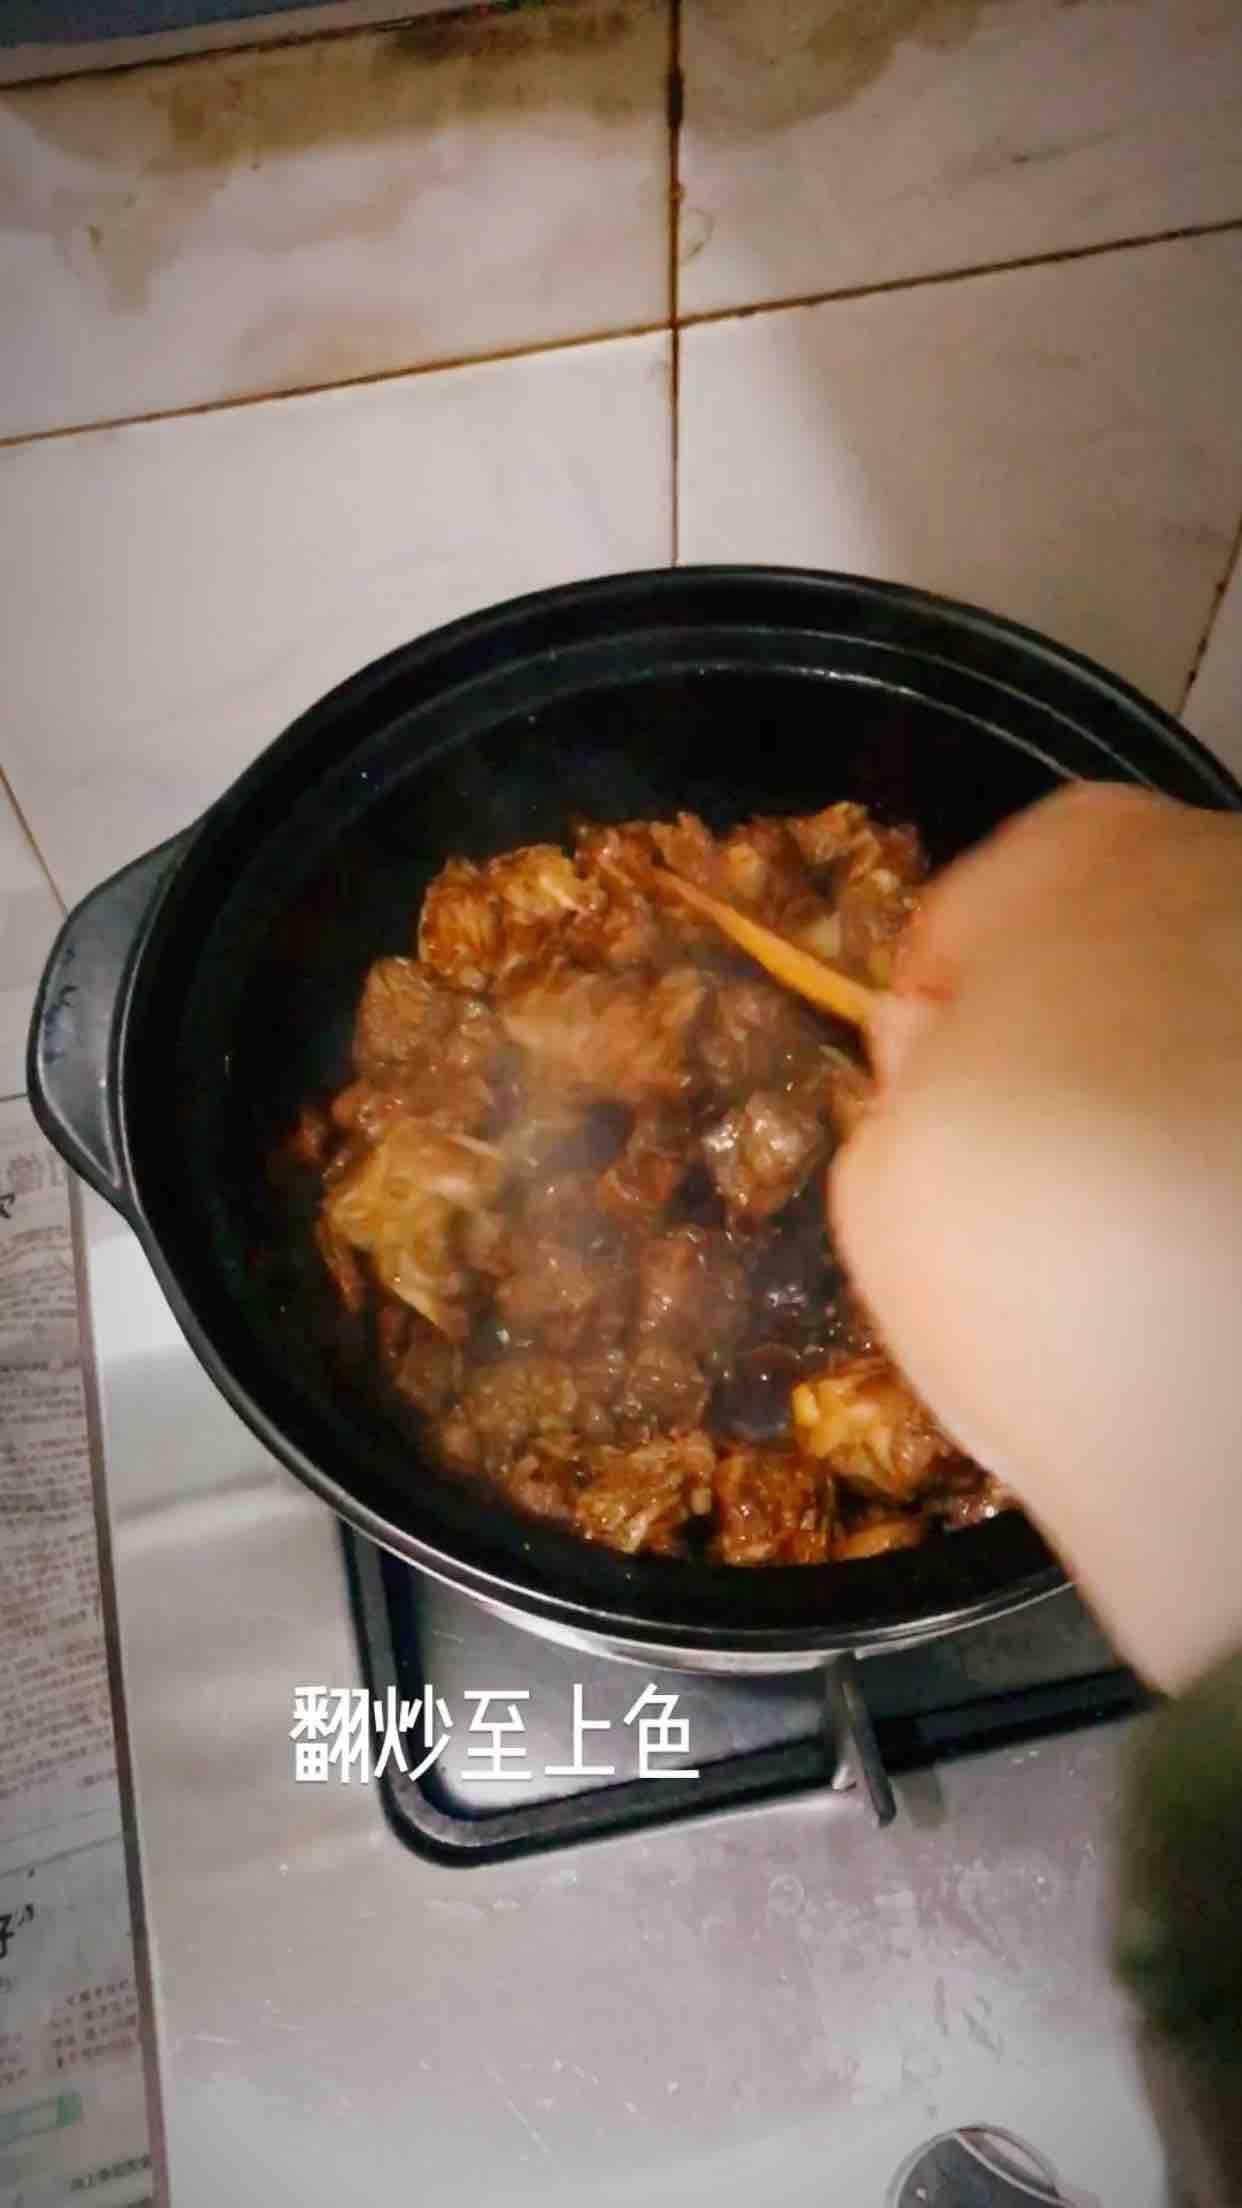 砂锅羊肉的步骤